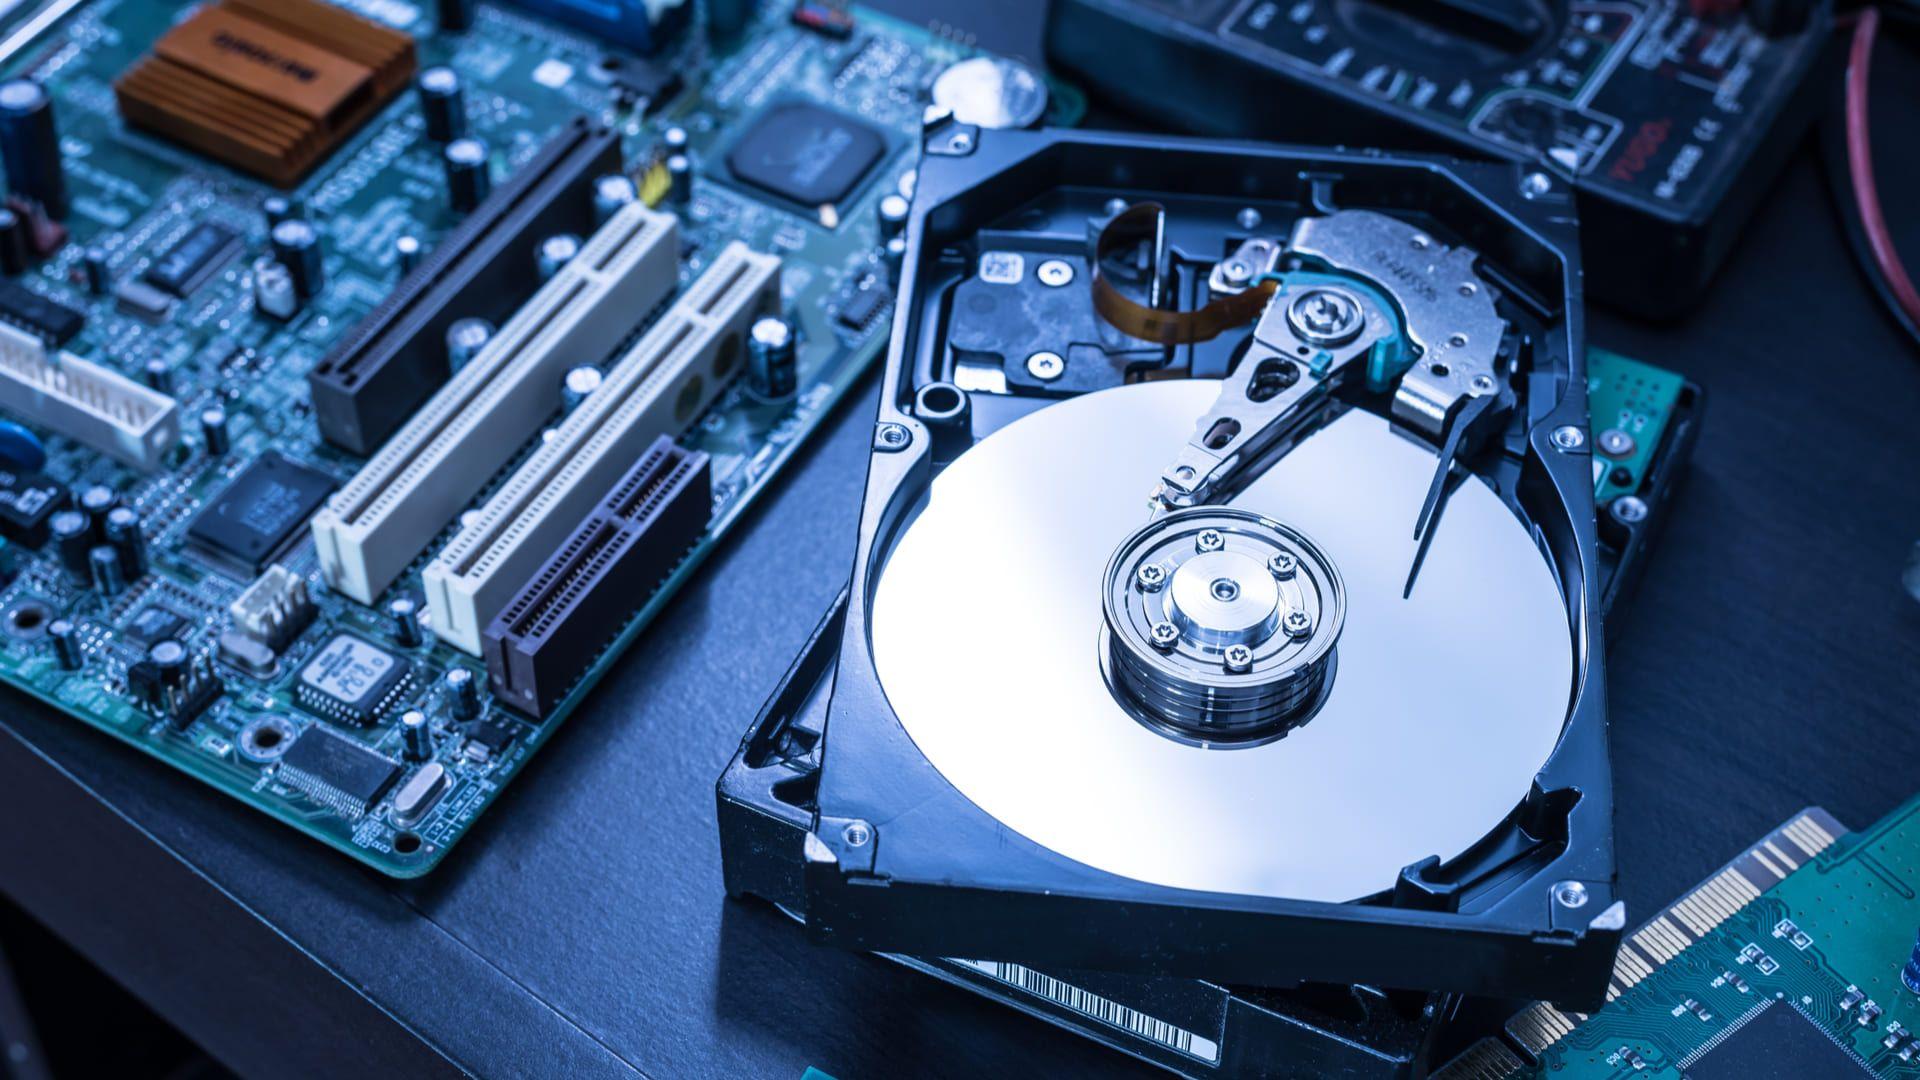 A troca do HD também pode ser exigida dependendo do erro (Foto: Reprodução/Shutterstock)